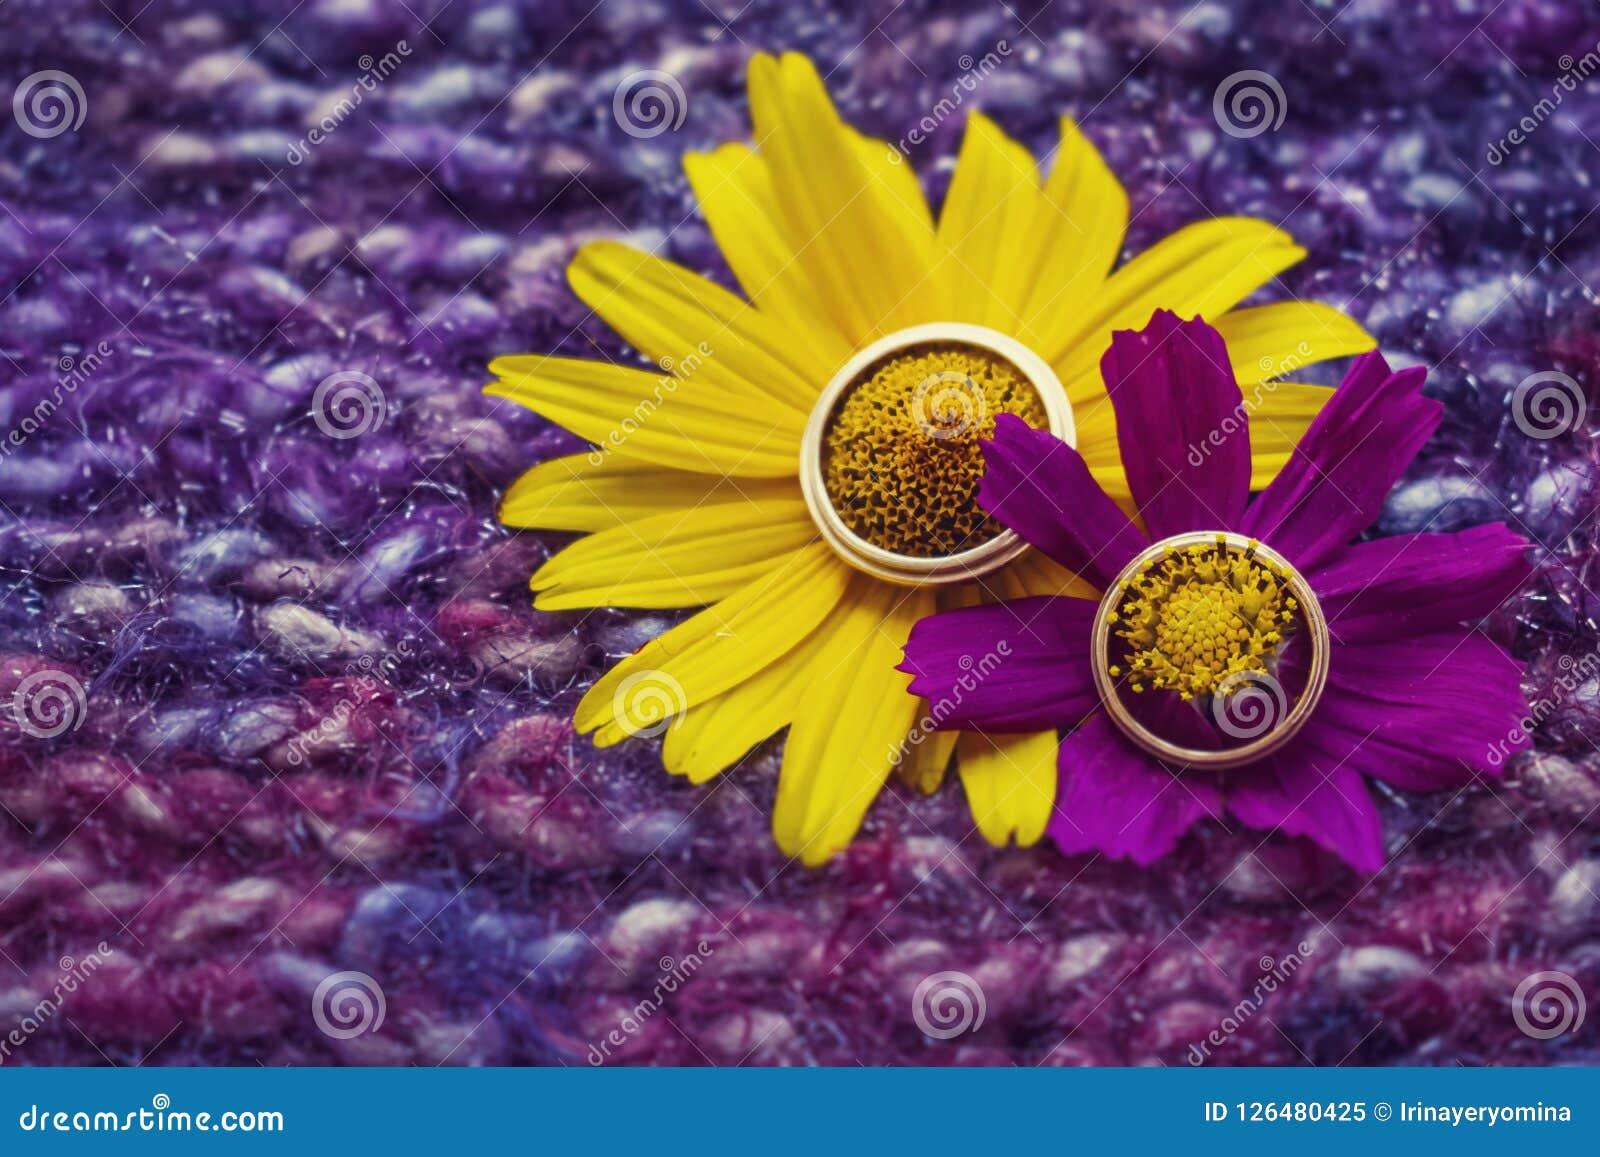 Goldene Ringe der schönen Hochzeit auf einer gelben und purpurroten Blume an